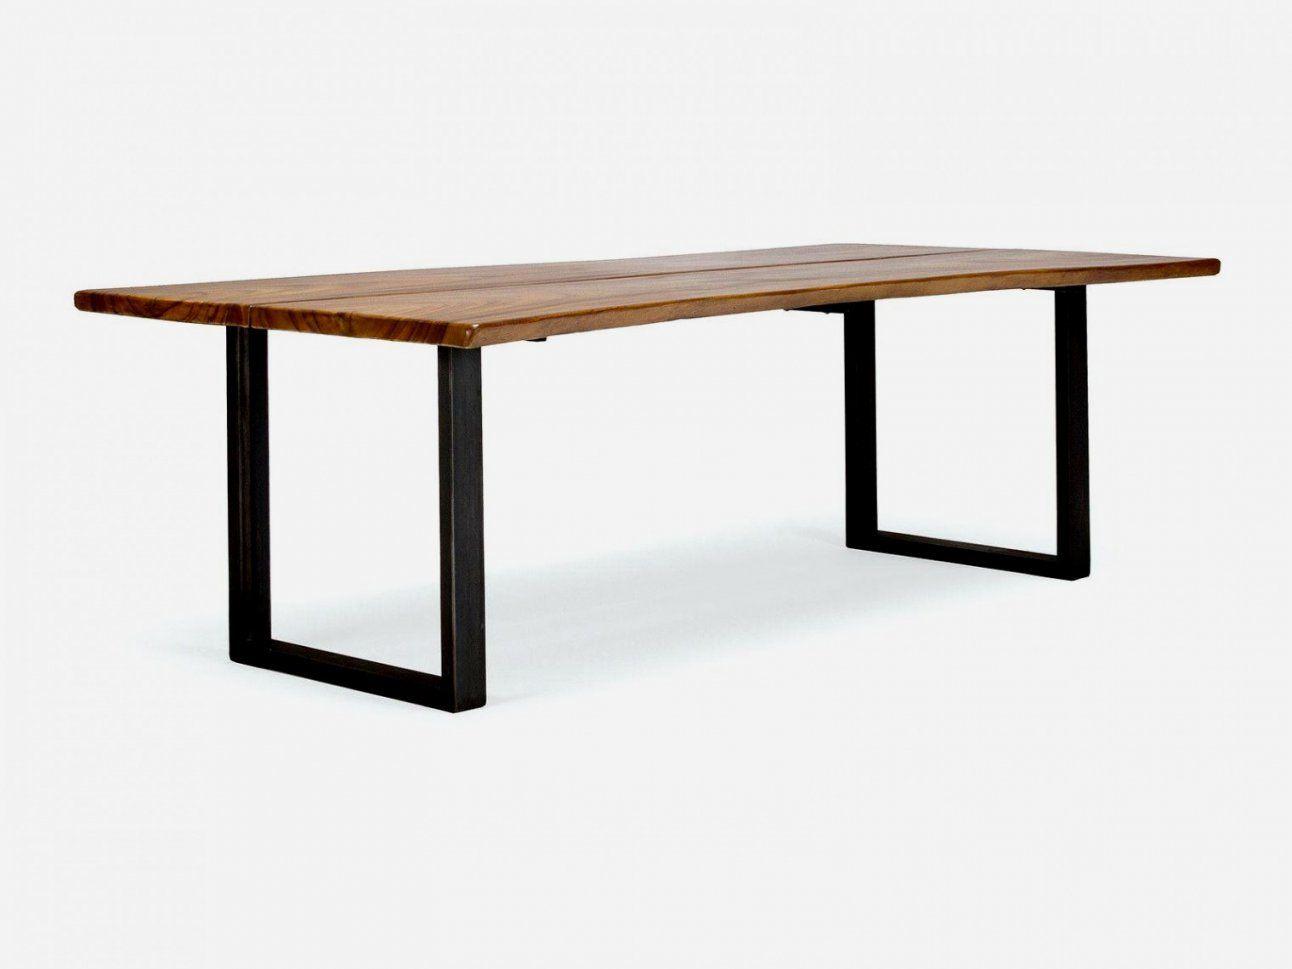 Beliebt Nett Esstisch Metall Holz Holzplatte 3 Ausziehbar Forafrica von Tisch Mit Metallgestell Und Holzplatte Photo